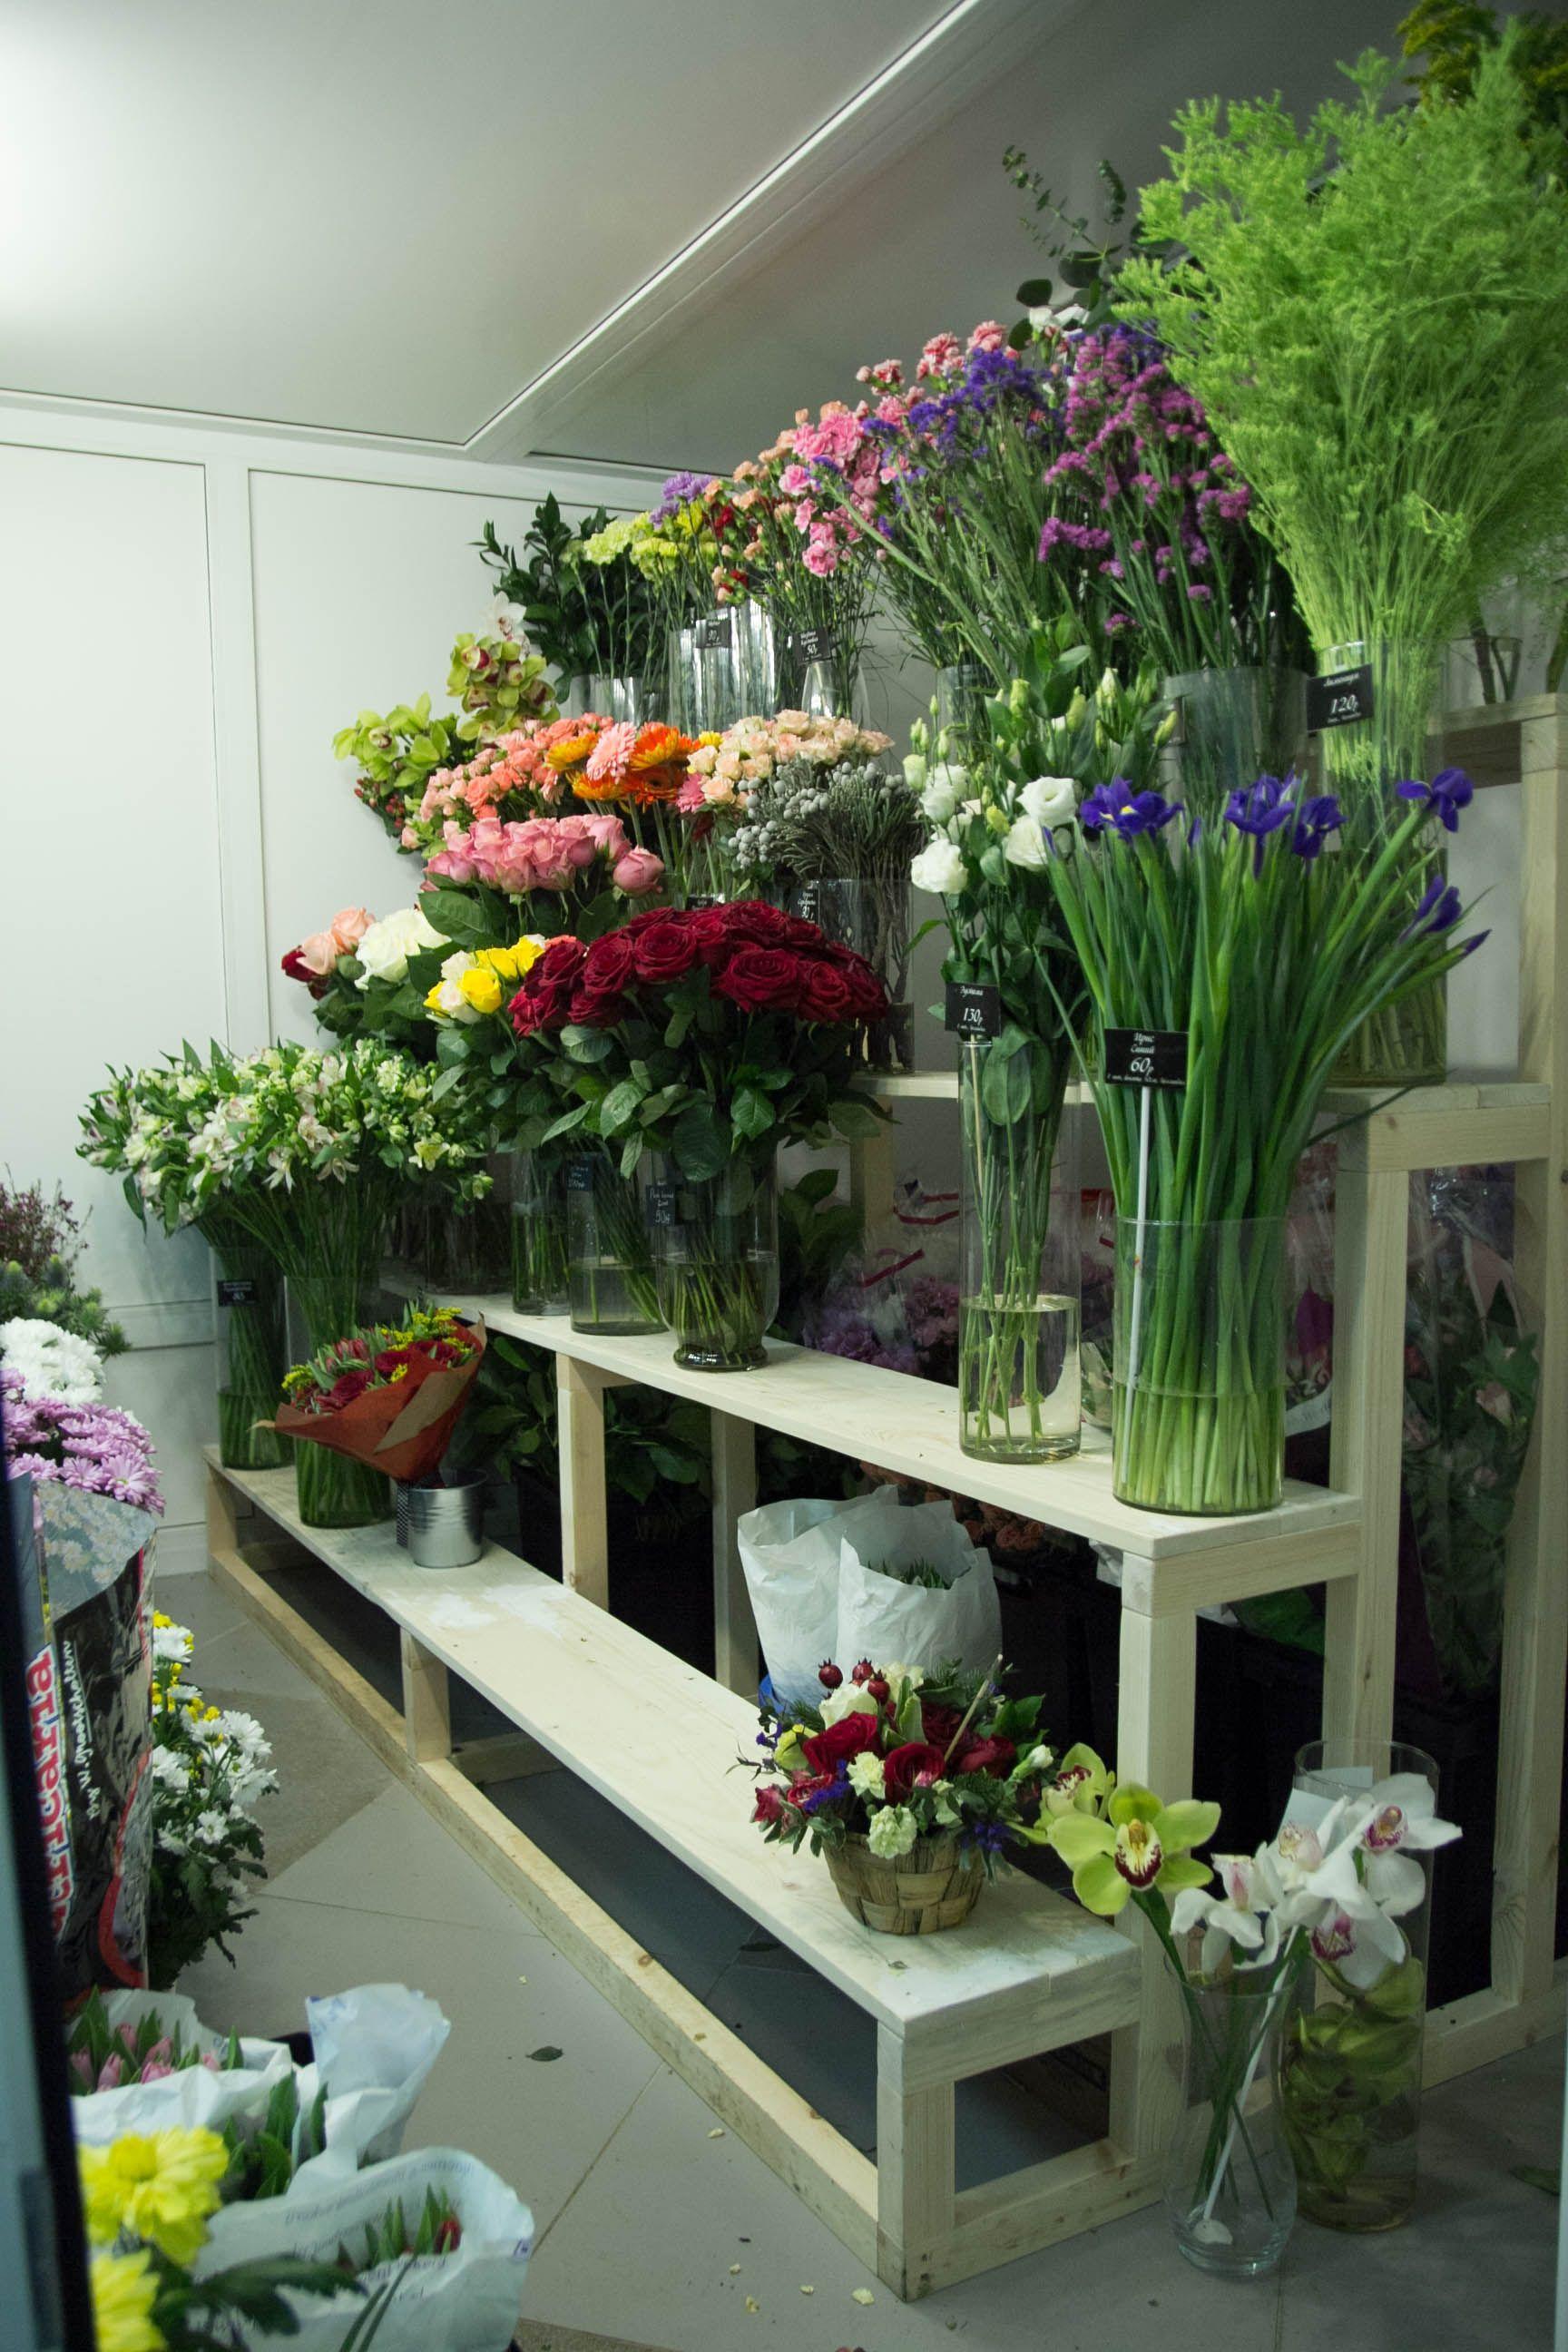 Полки для размещения цветов | Витрина цветочного магазина